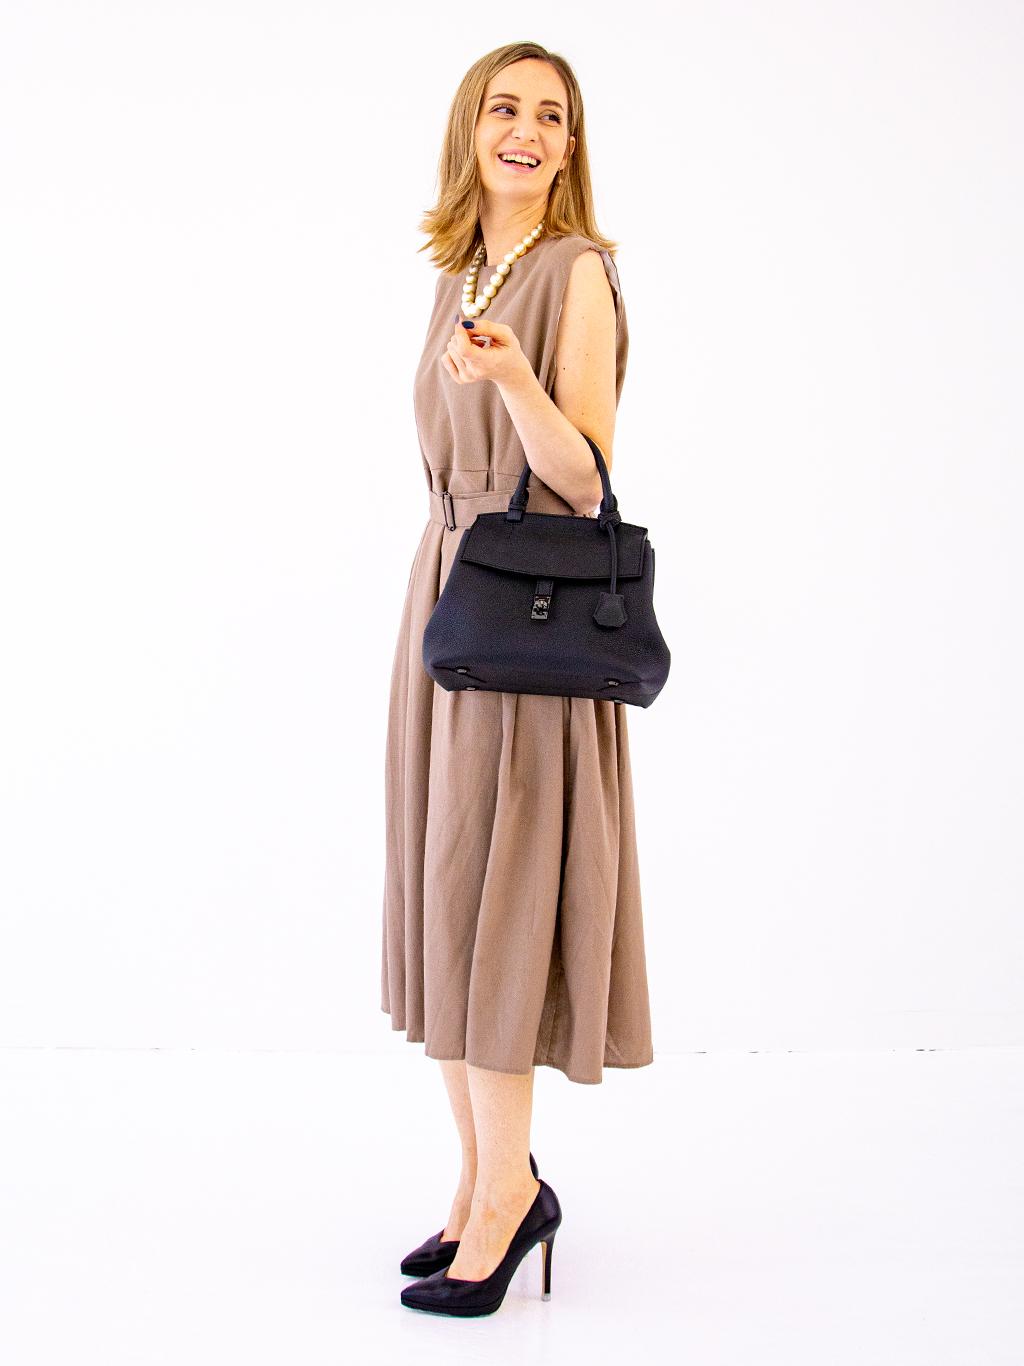 日本製 NAGATANI ドイツ産シュリンクレザー・スプレス 本革ハンドバッグ「ELISABETH(えりざべーと)」